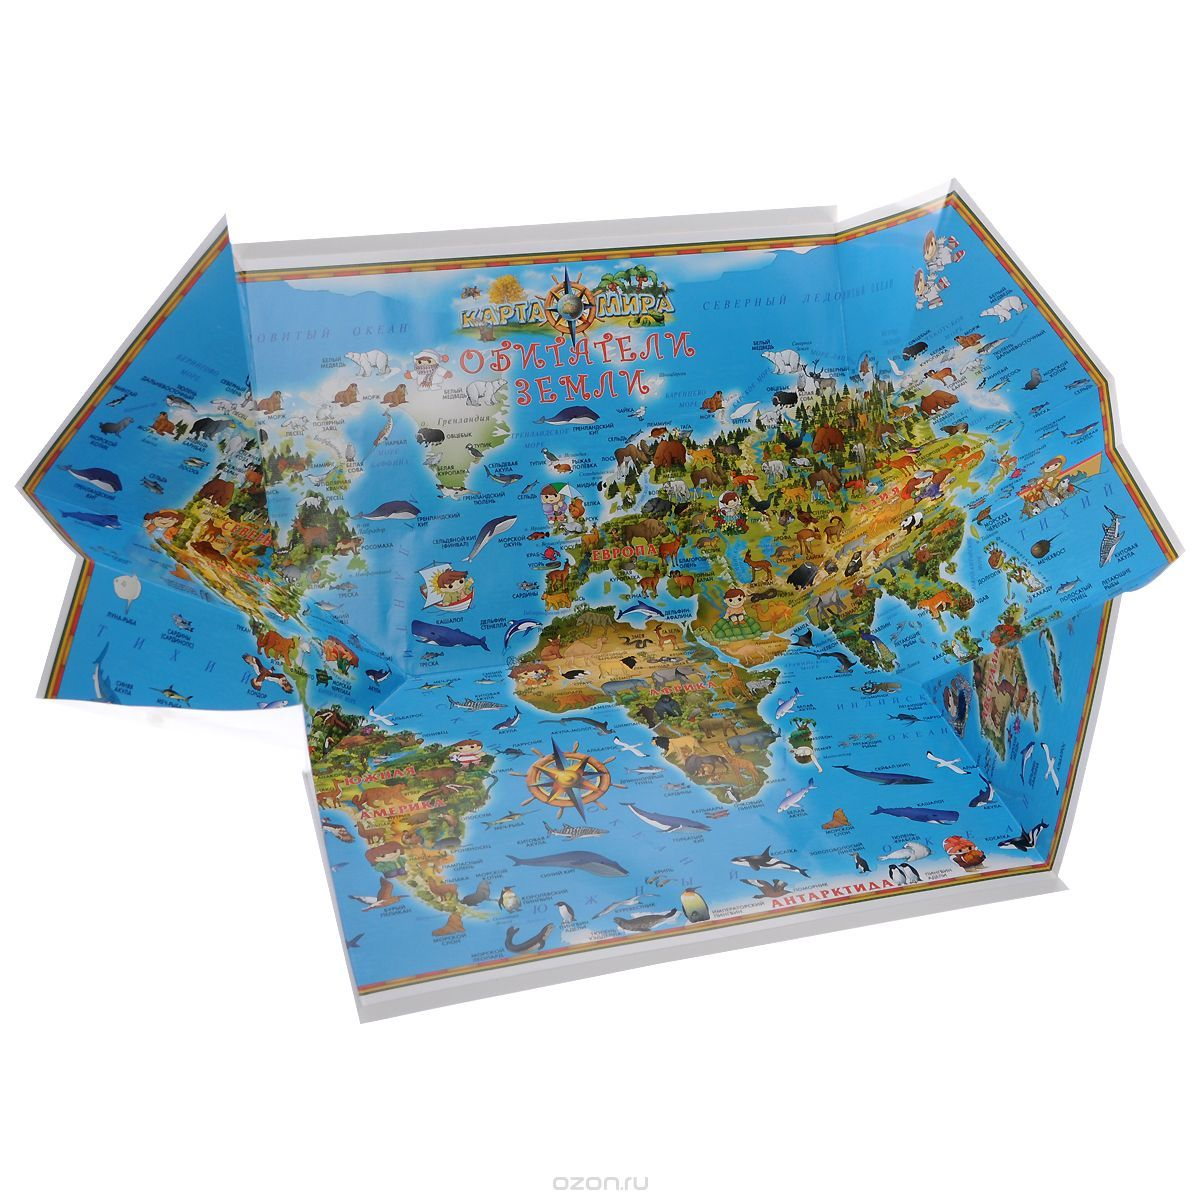 5693f1031df37 Обитатели Земли. Мир в руках ребенка. Складная карта мира. | Купить  школьный…